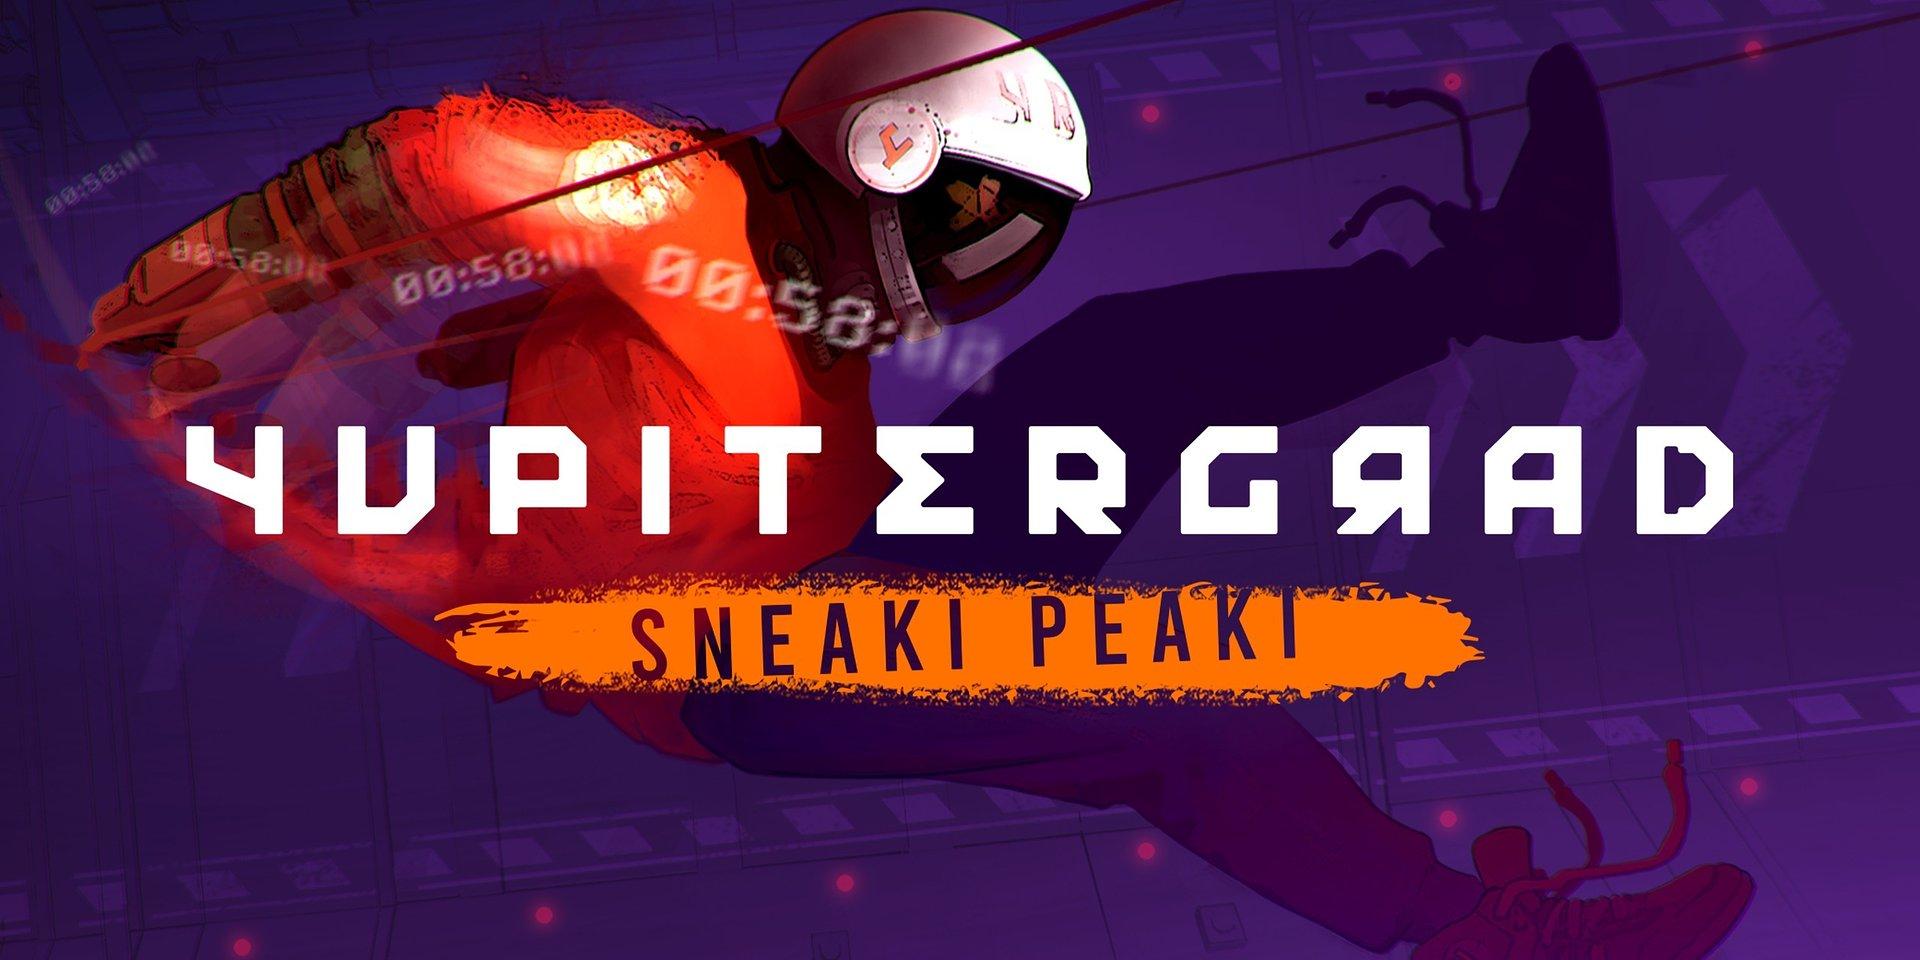 Yupitergrad otrzyma dwie aktualizacje, w jednej z nich nowe etapy dla trybu Time Attack, oraz darmową wersję o nazwie Sneaki Peaki!